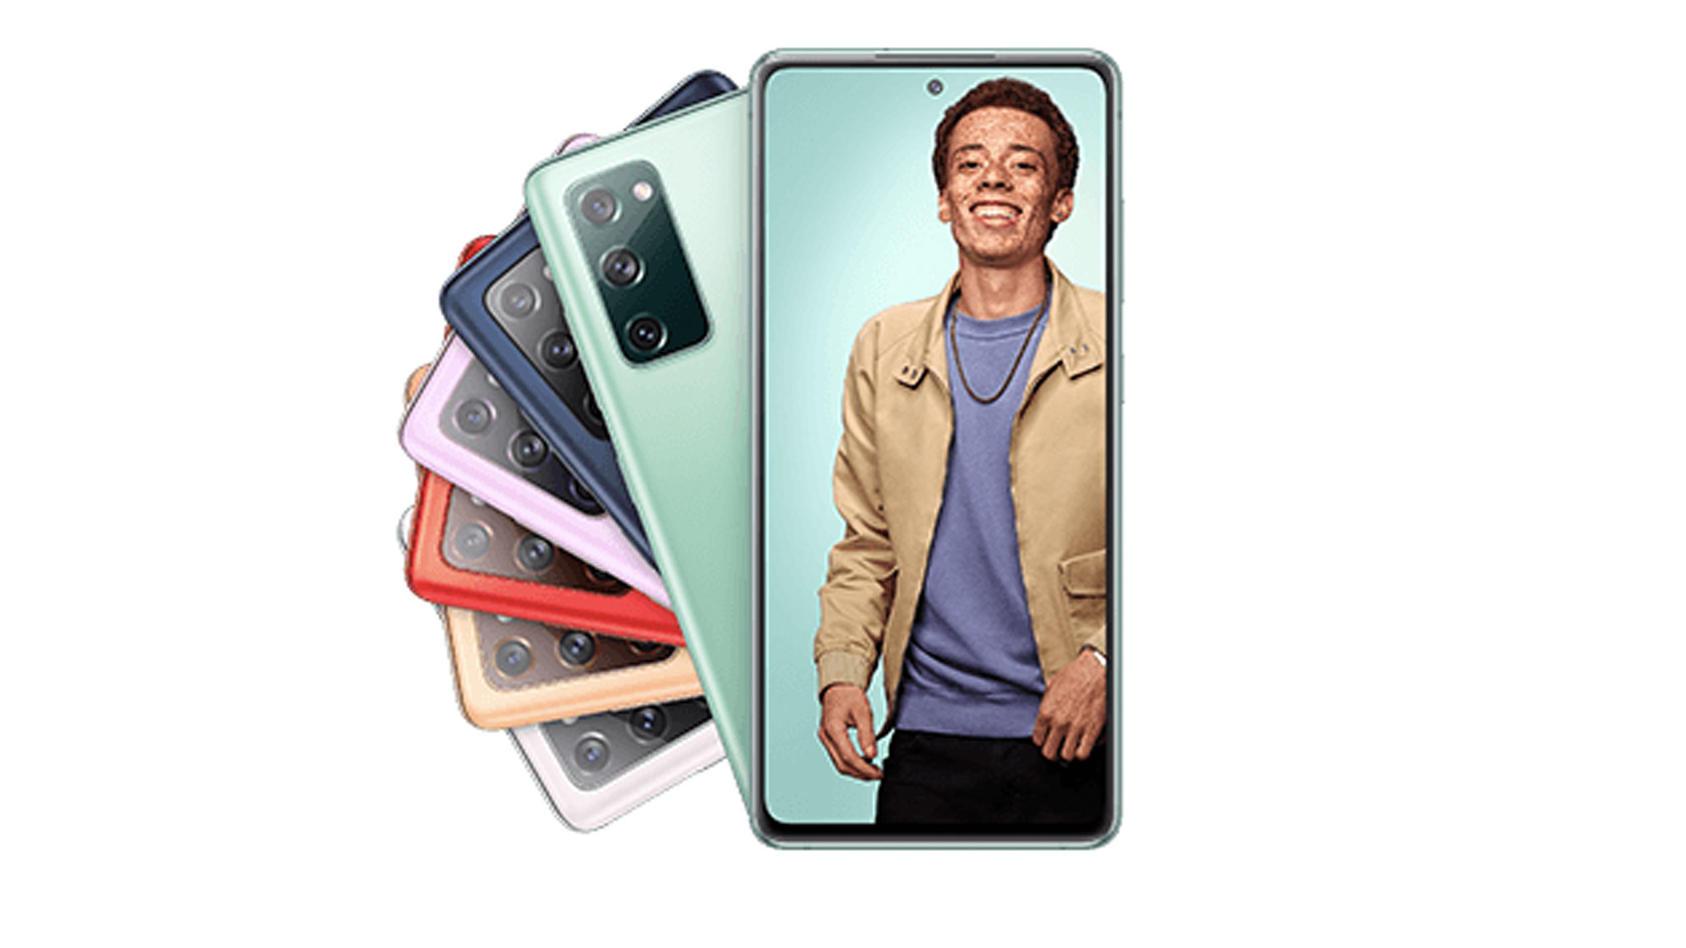 Das Samsung Galaxy S20 FE ist in unterschiedlichen Farben zu haben.